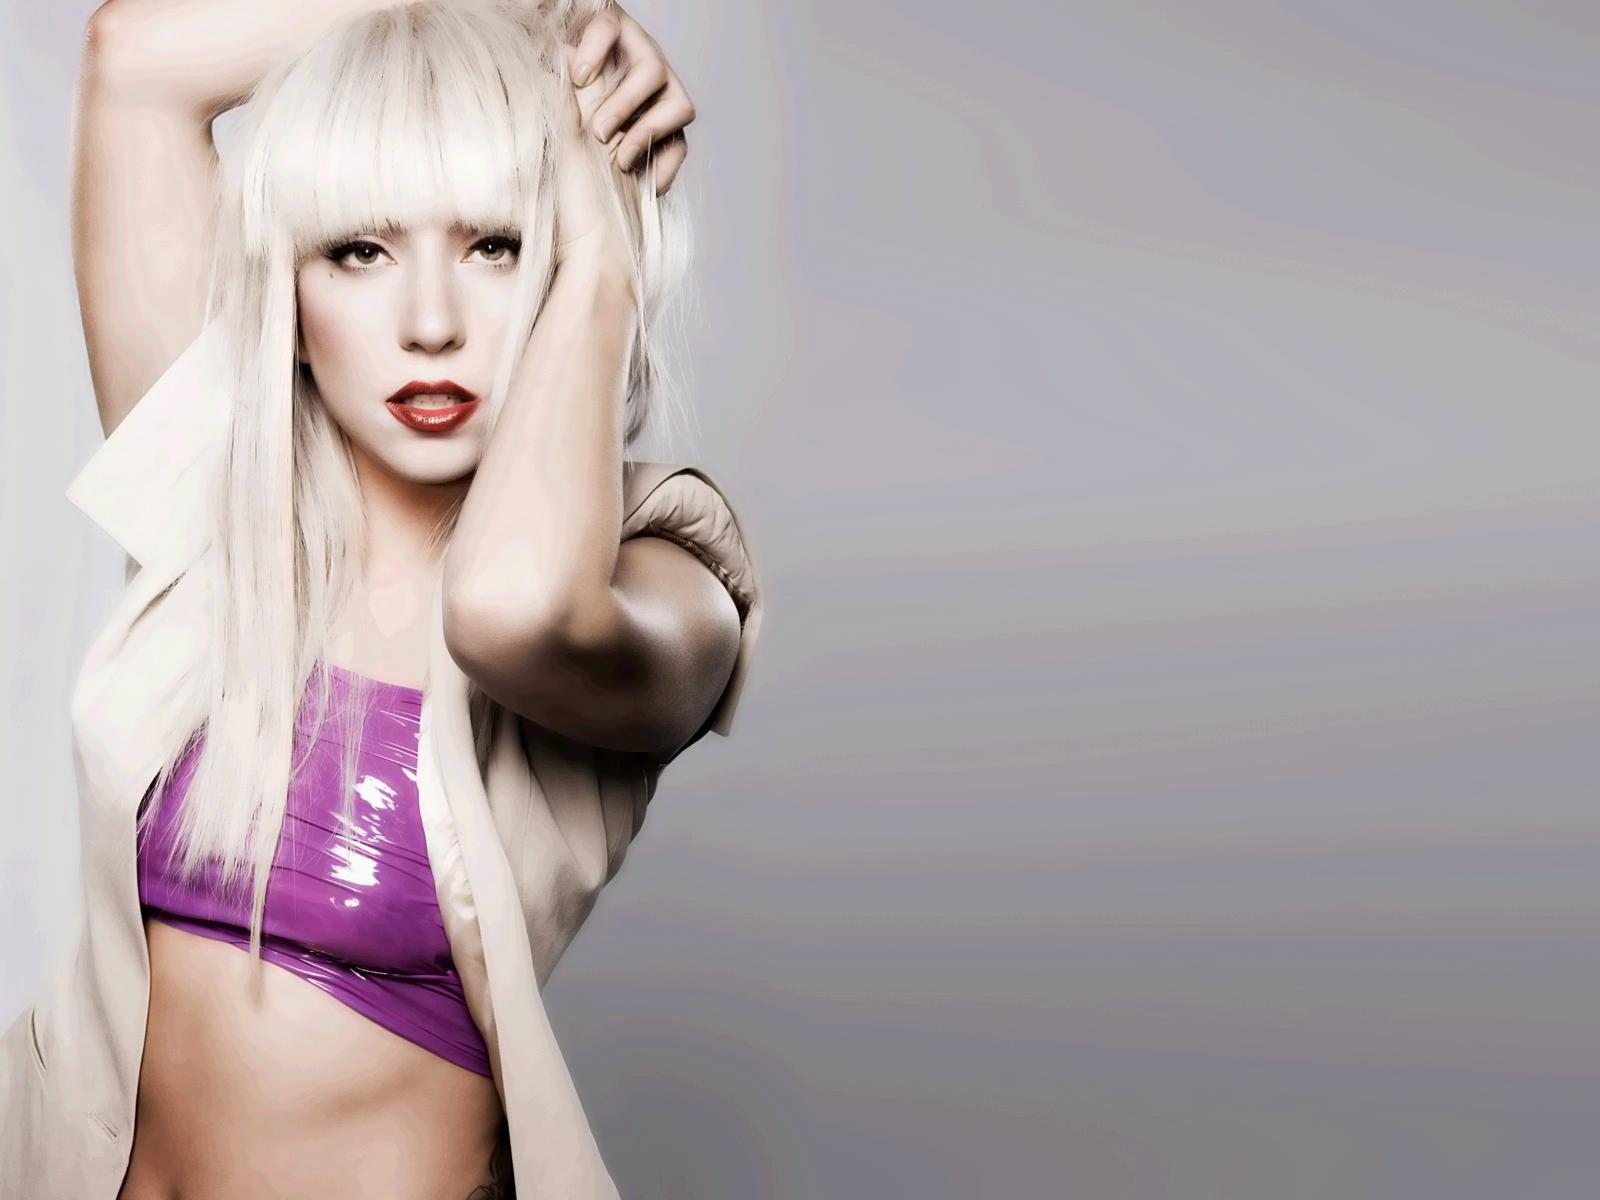 Lady_Gaga_7.jpg